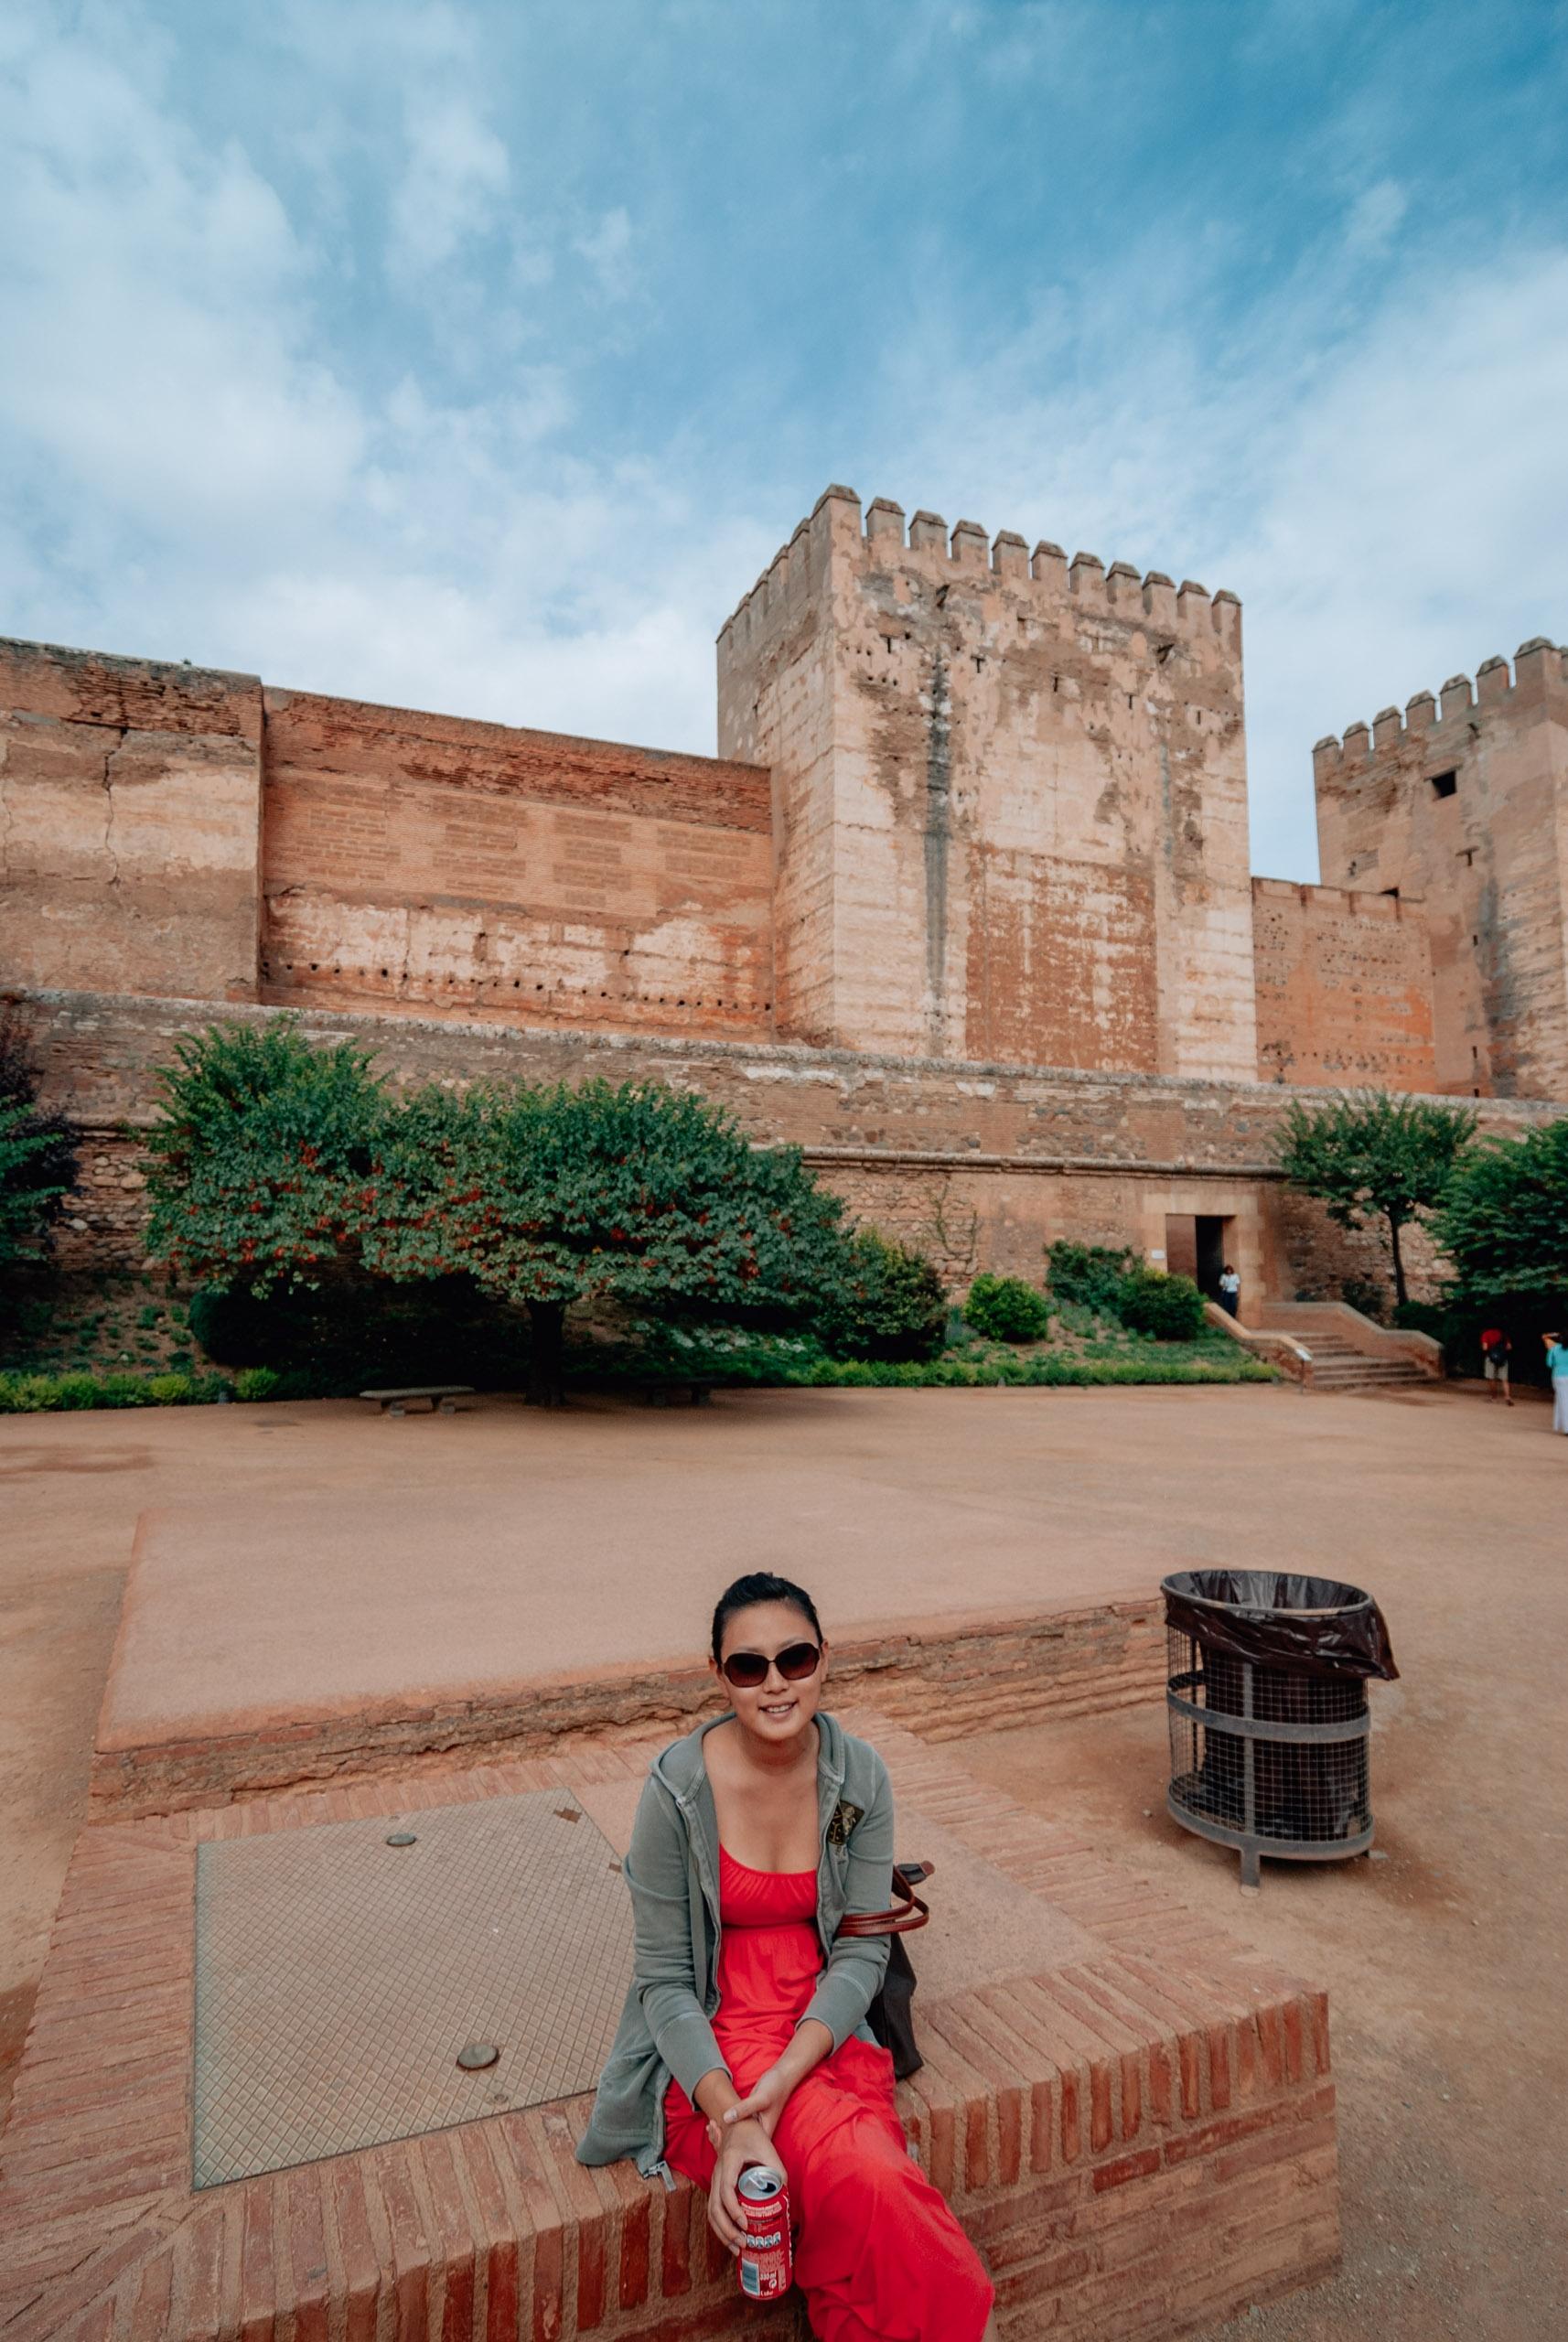 Spain - The Alhambra - 2008-0830-DSC_0164_61369